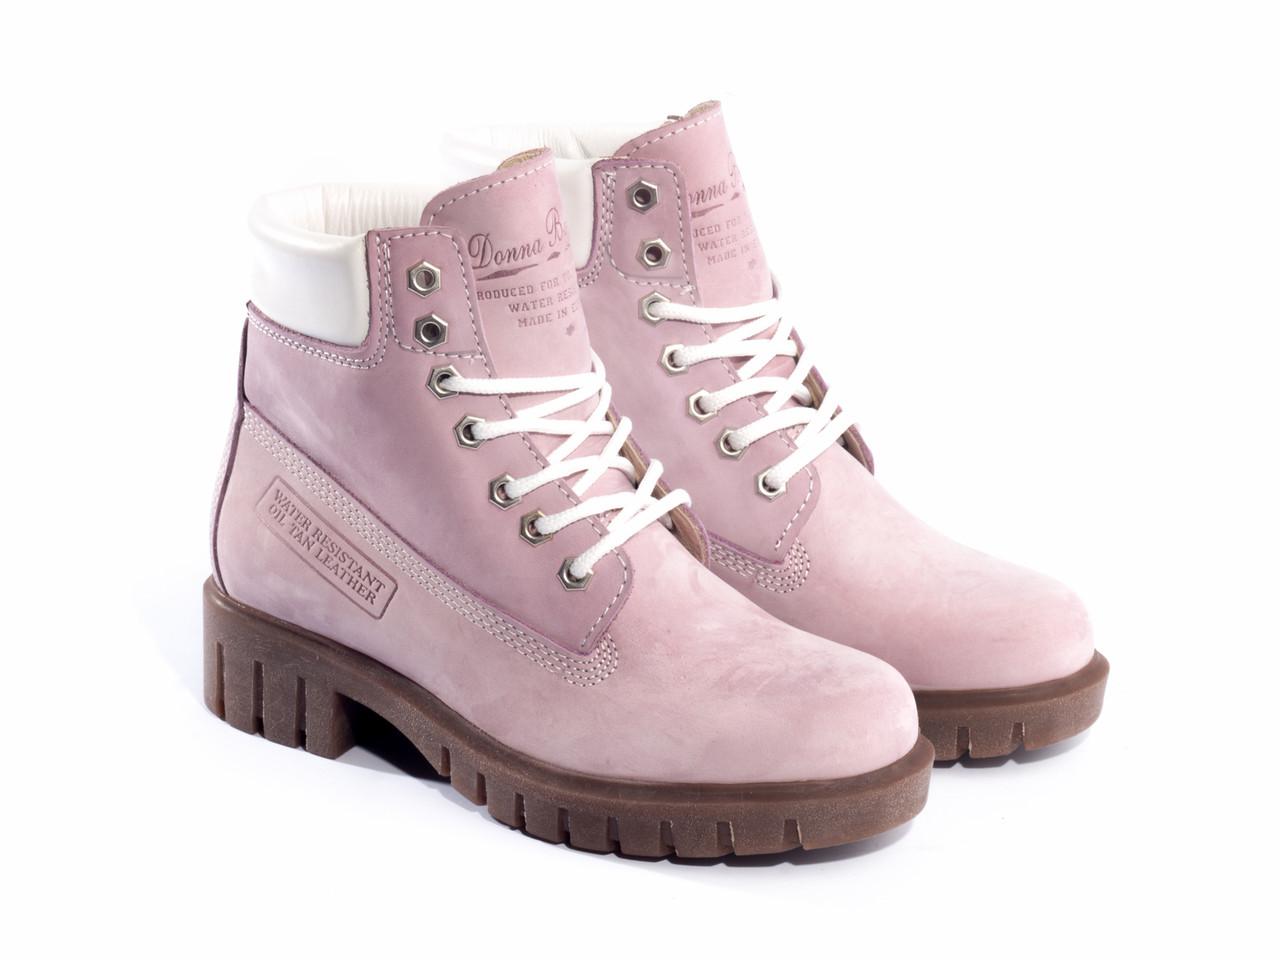 Ботинки Etor зимние 5169-021554-710-1 36 розовые